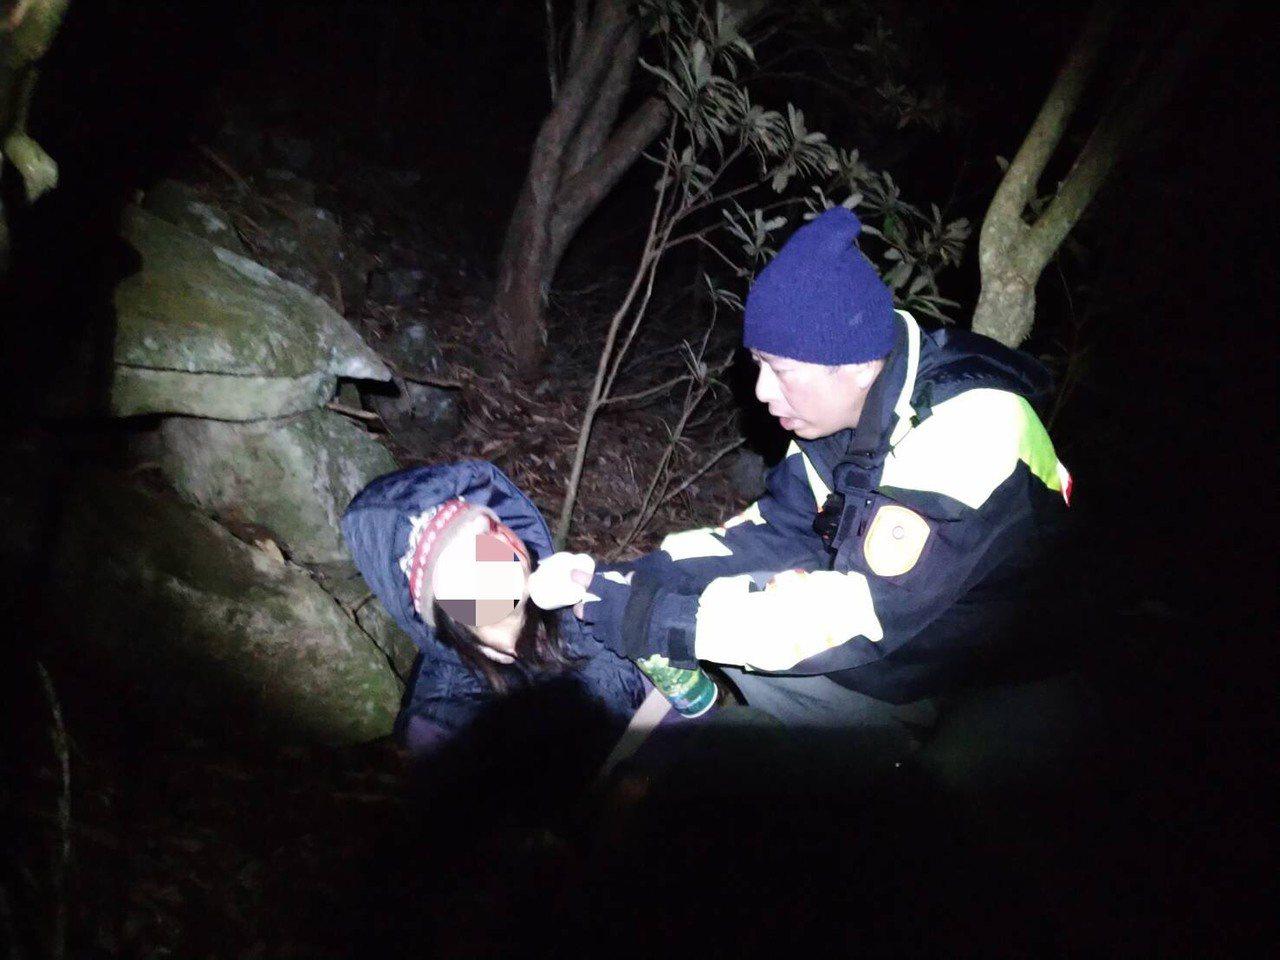 警員脫制服讓婦人暖身,並包紮傷口。圖/和平分局提供